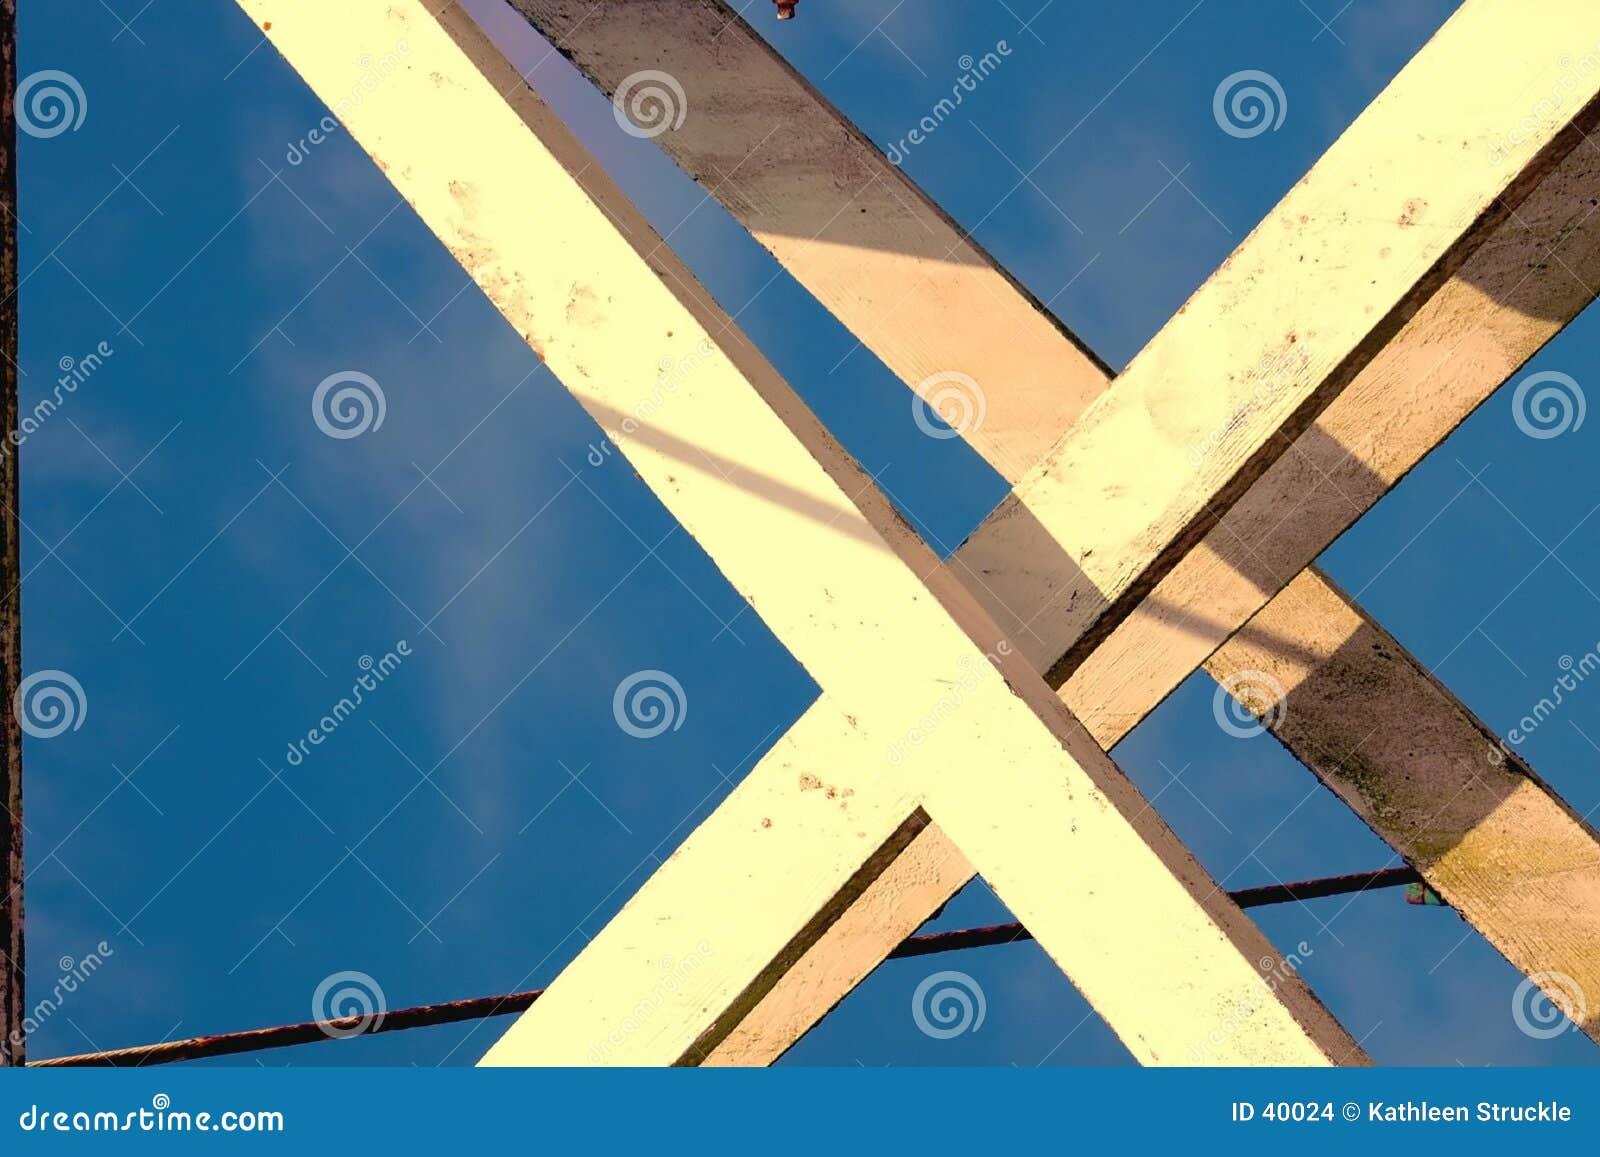 Download Holz-Support u. Seilzug stockfoto. Bild von seilzug, planke - 40024